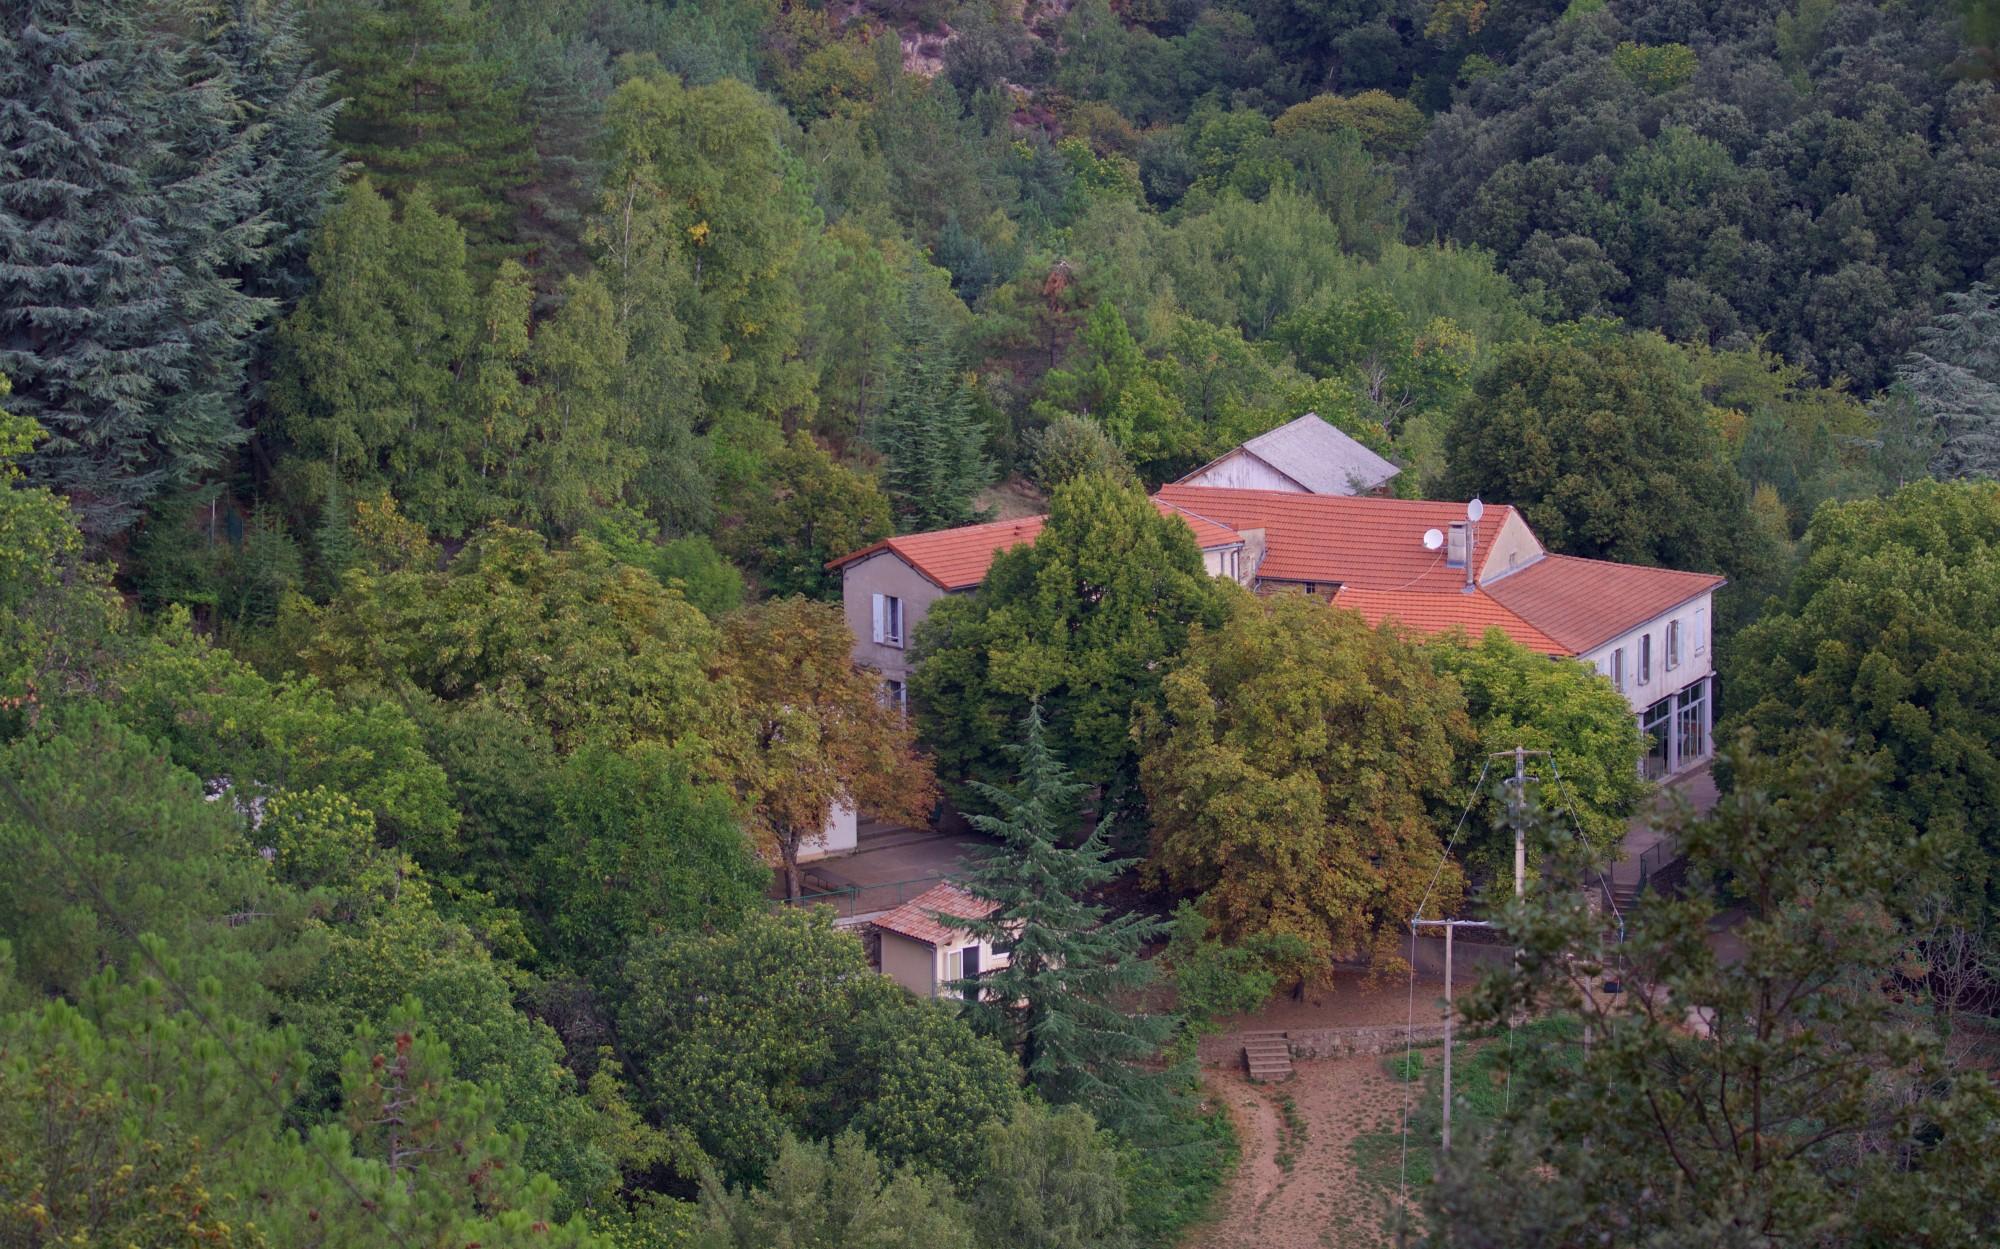 Bois de Bertrand